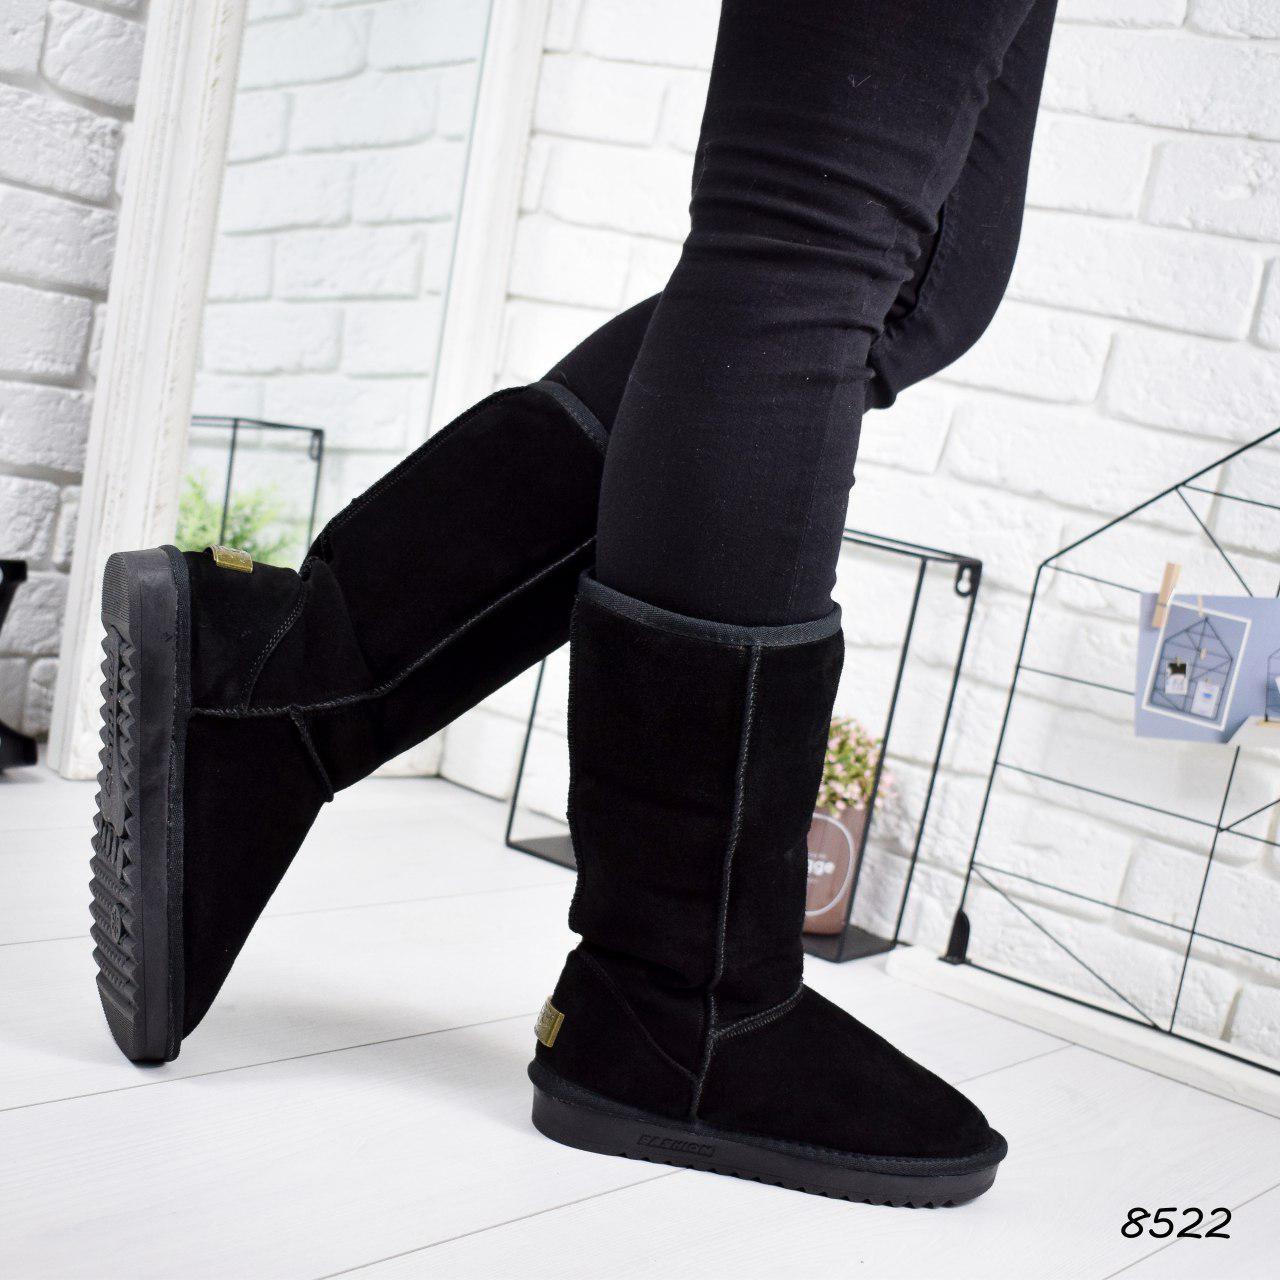 """Угги высокие, сапоги зимние в стиле """"UGG"""" черного цвета из НАТУРАЛЬНОЙ ЗАМШИ. Зимние угги. Теплая обувь"""